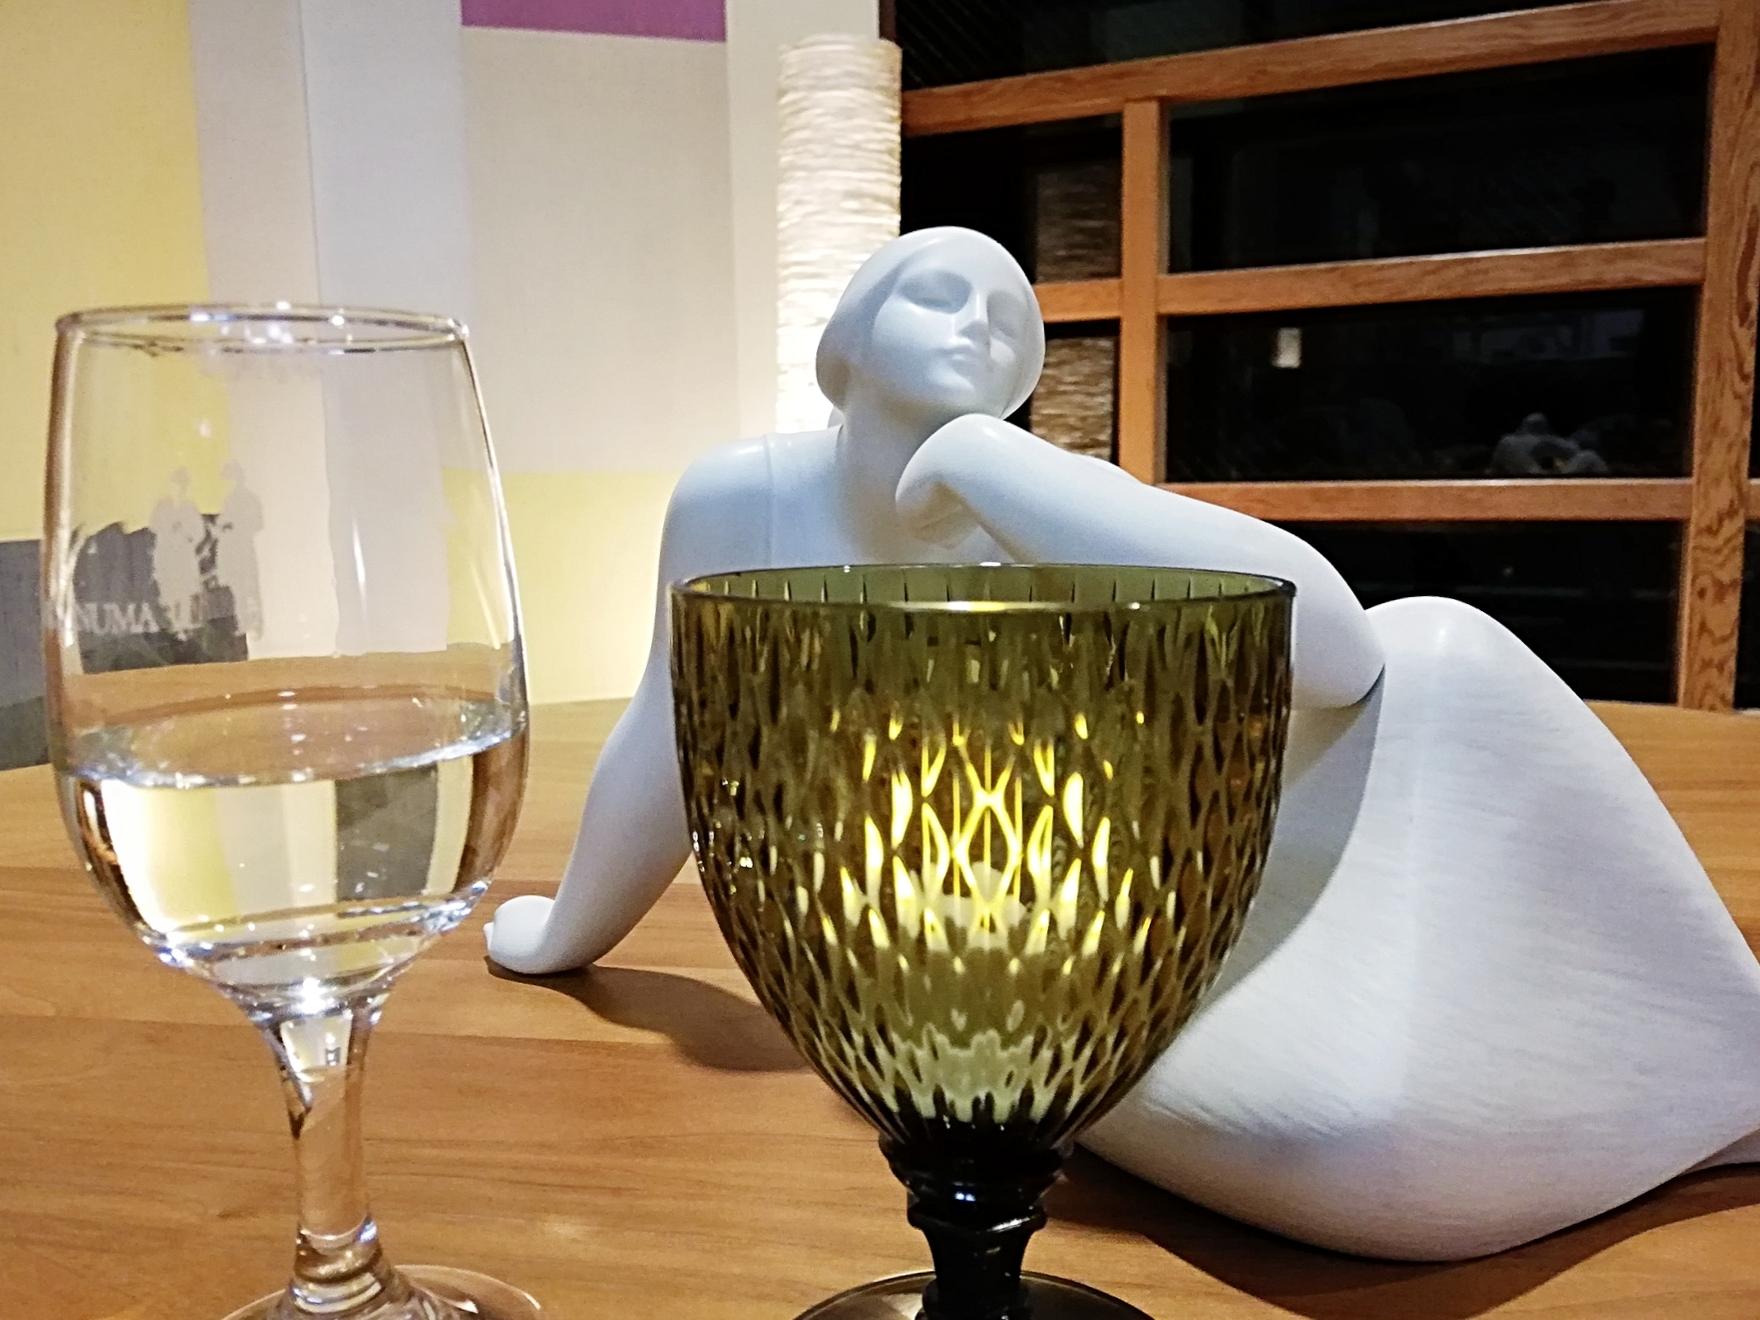 ワインと日本料理のマリアージュを思う存分楽しむなら【笛吹川温泉 別邸 坐忘】がオススメです